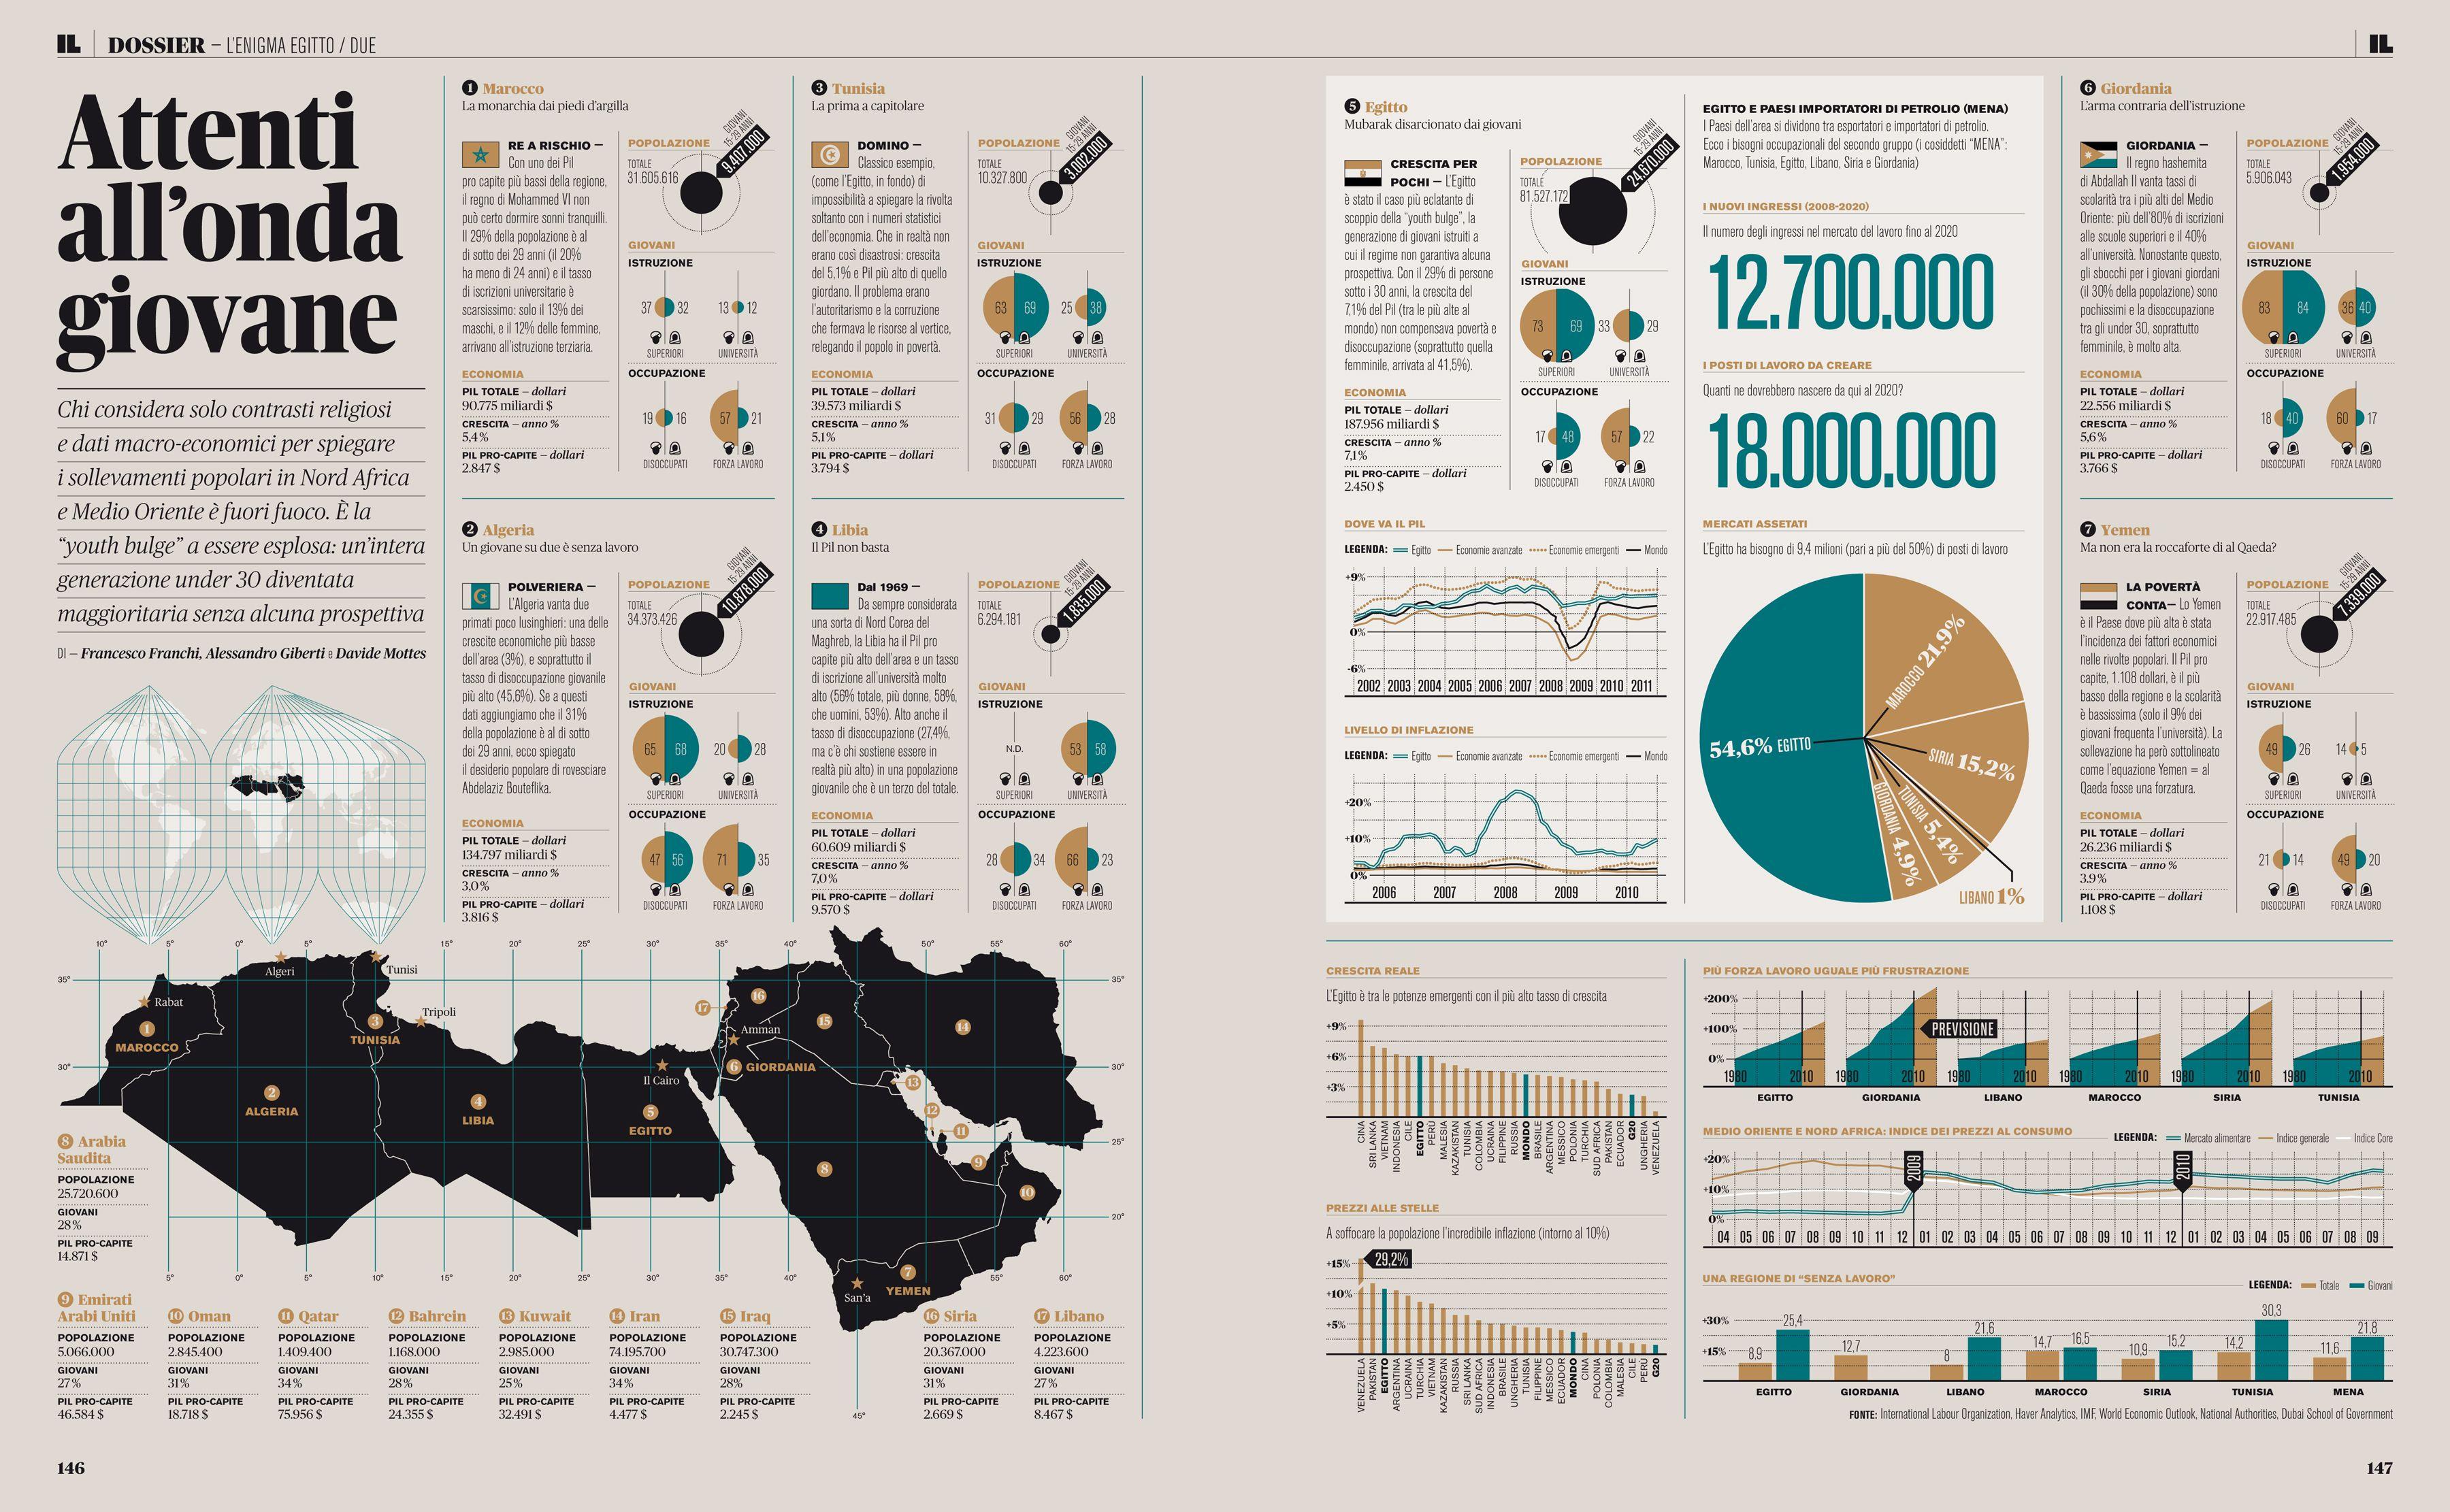 Mobili egiziani ~ Information visualization by francesco franchi #infographic